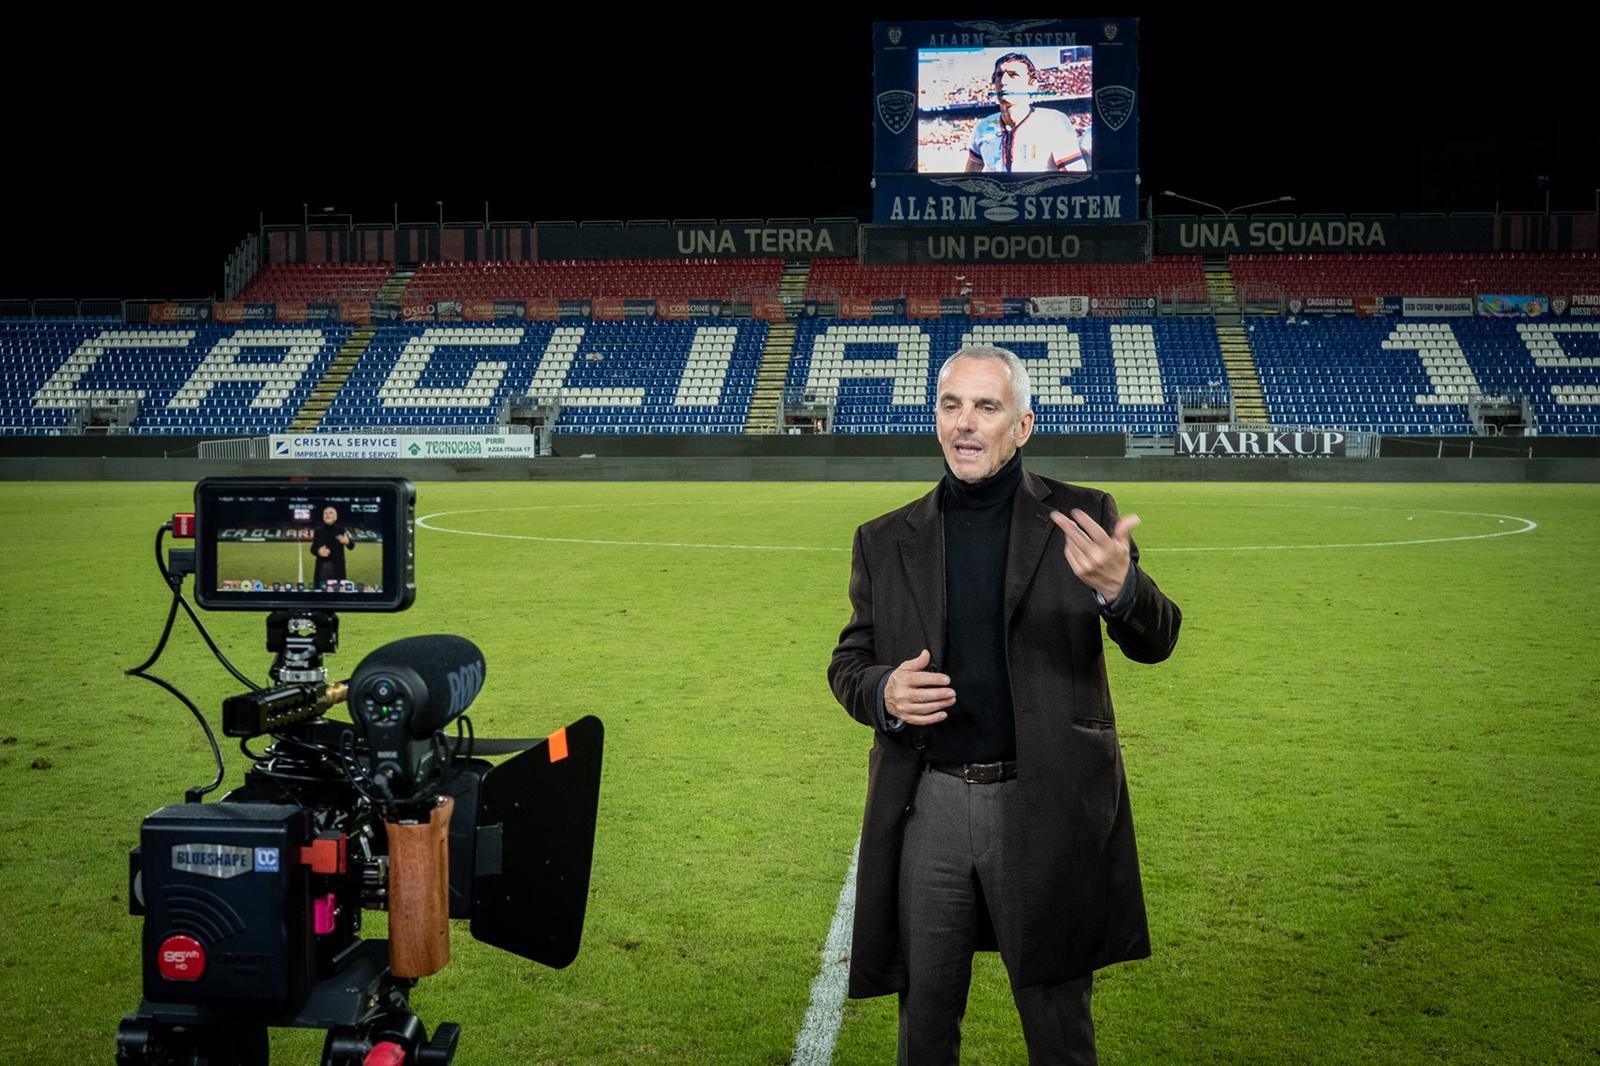 #SkyBuffaRacconta Gigi Riva, su Sky Sport la storia di un mito intramontabile